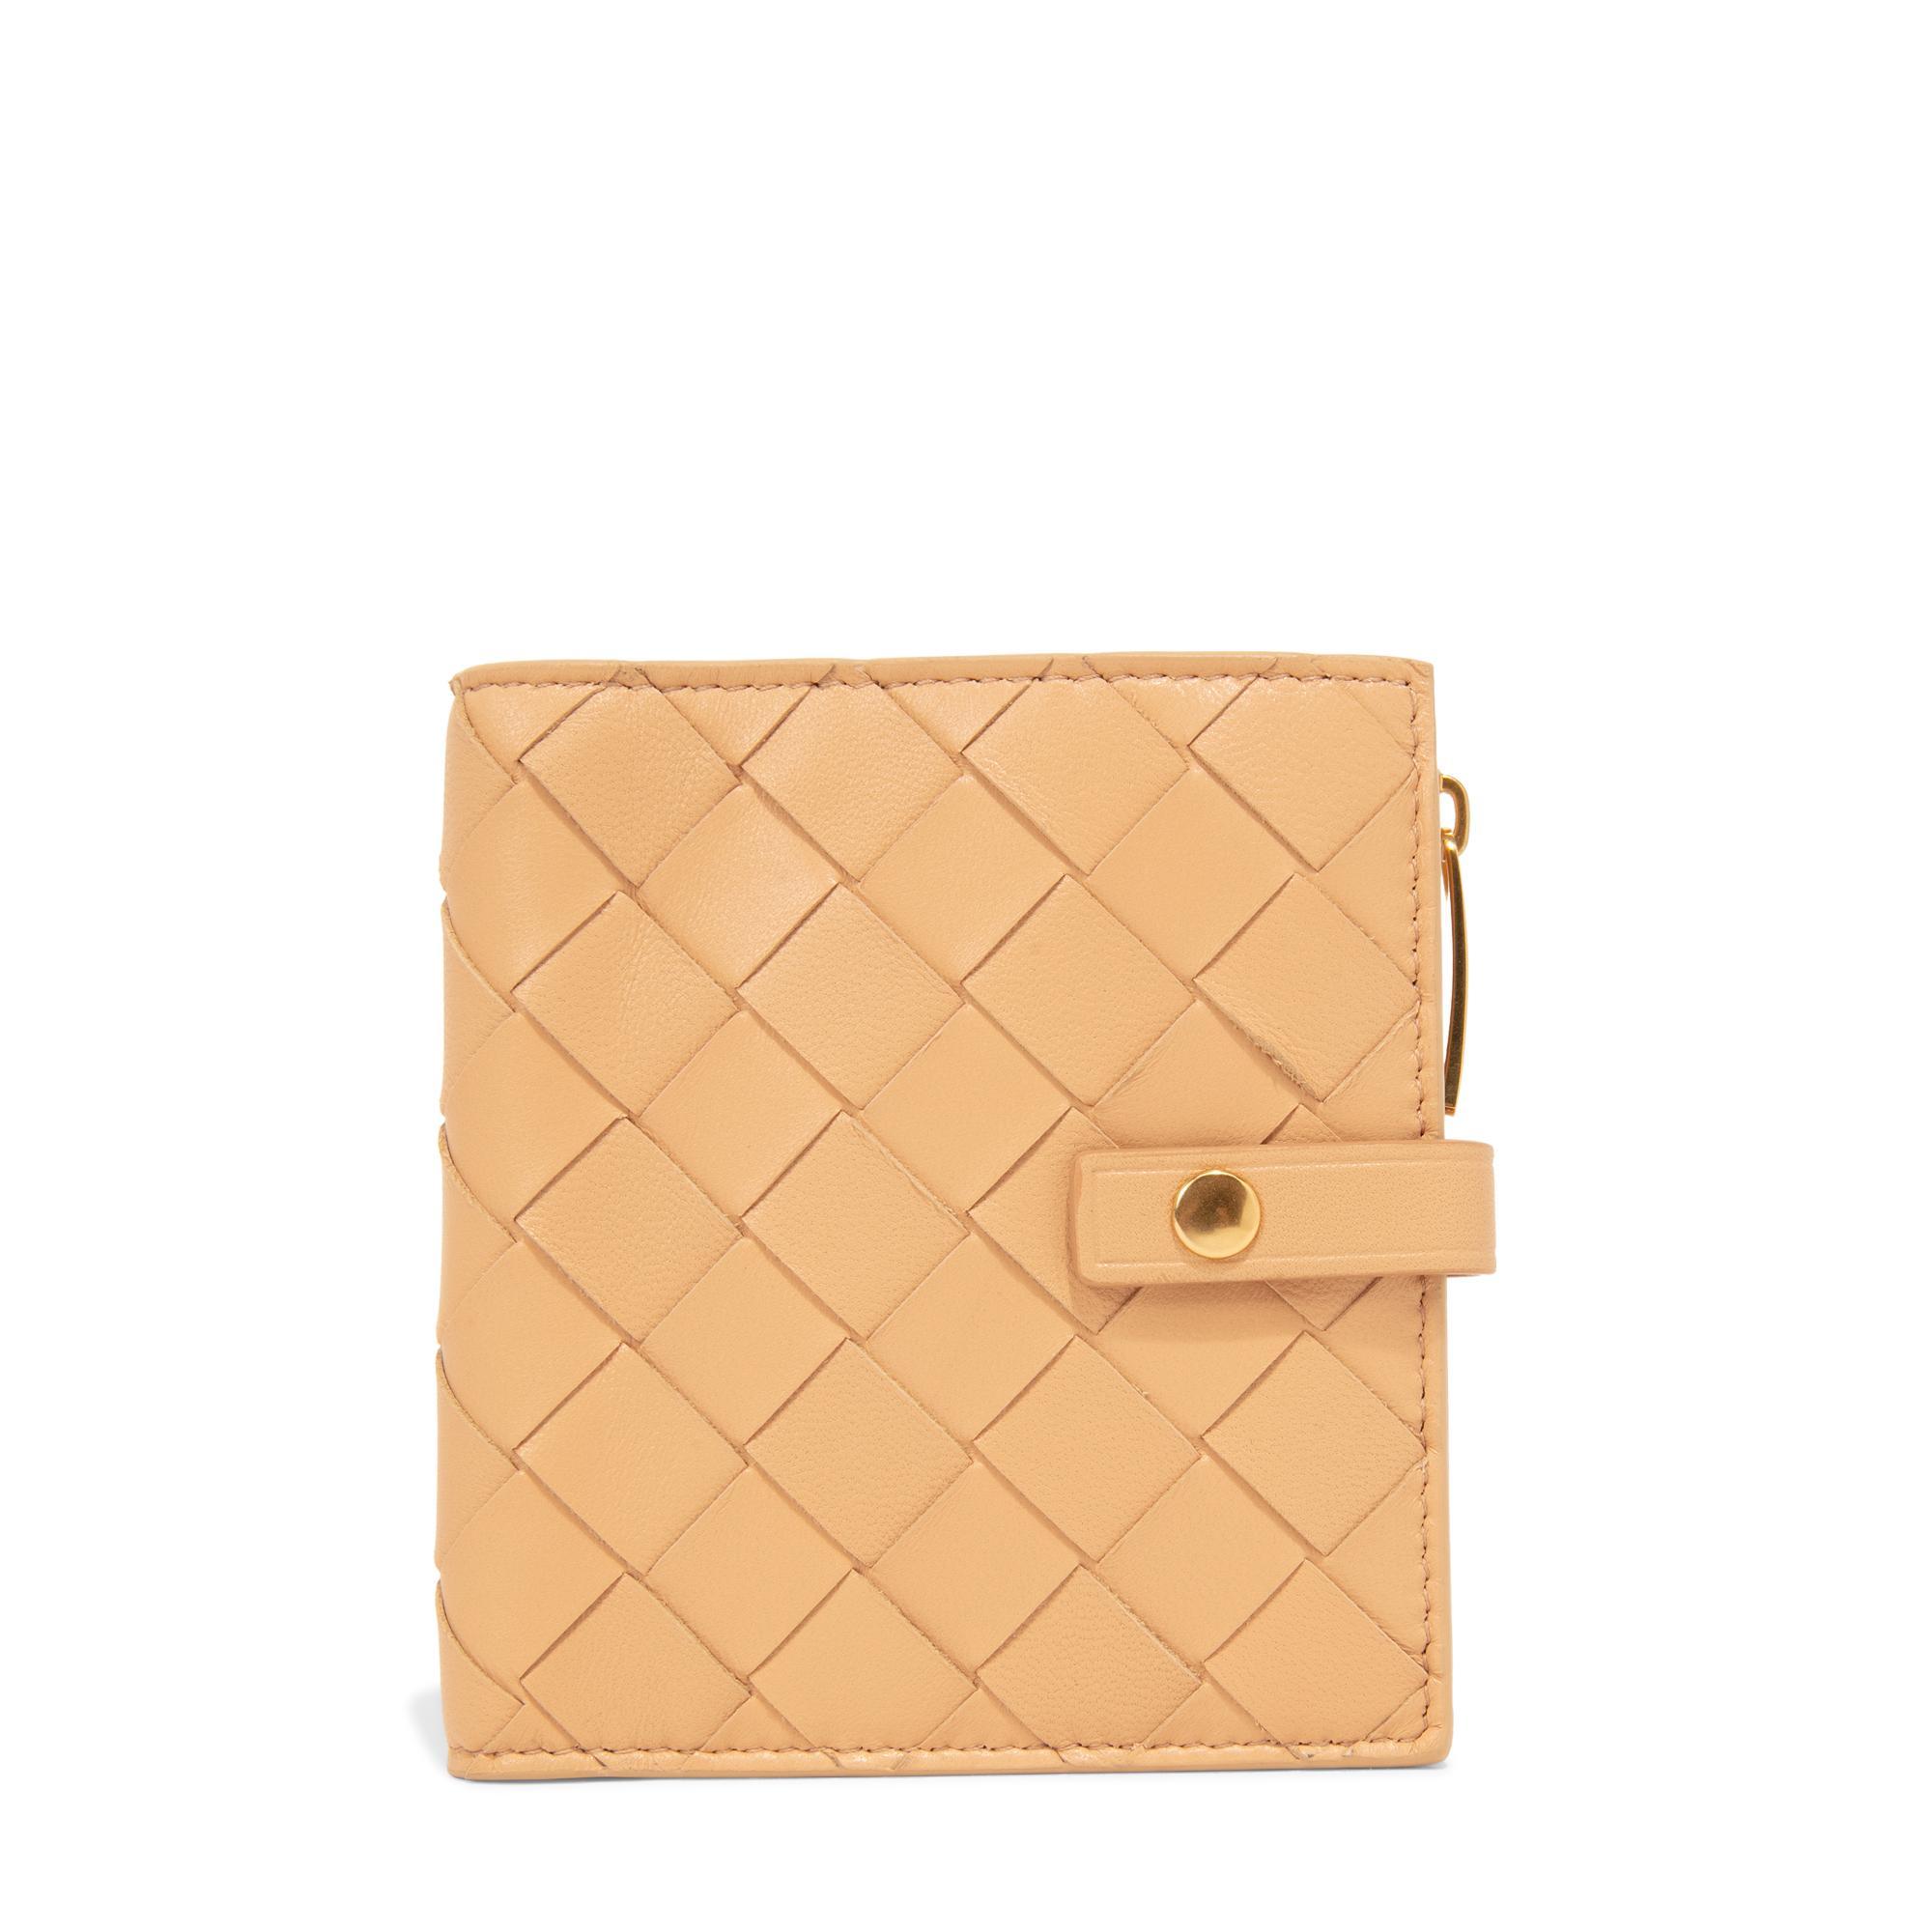 Bi-fold continental wallet